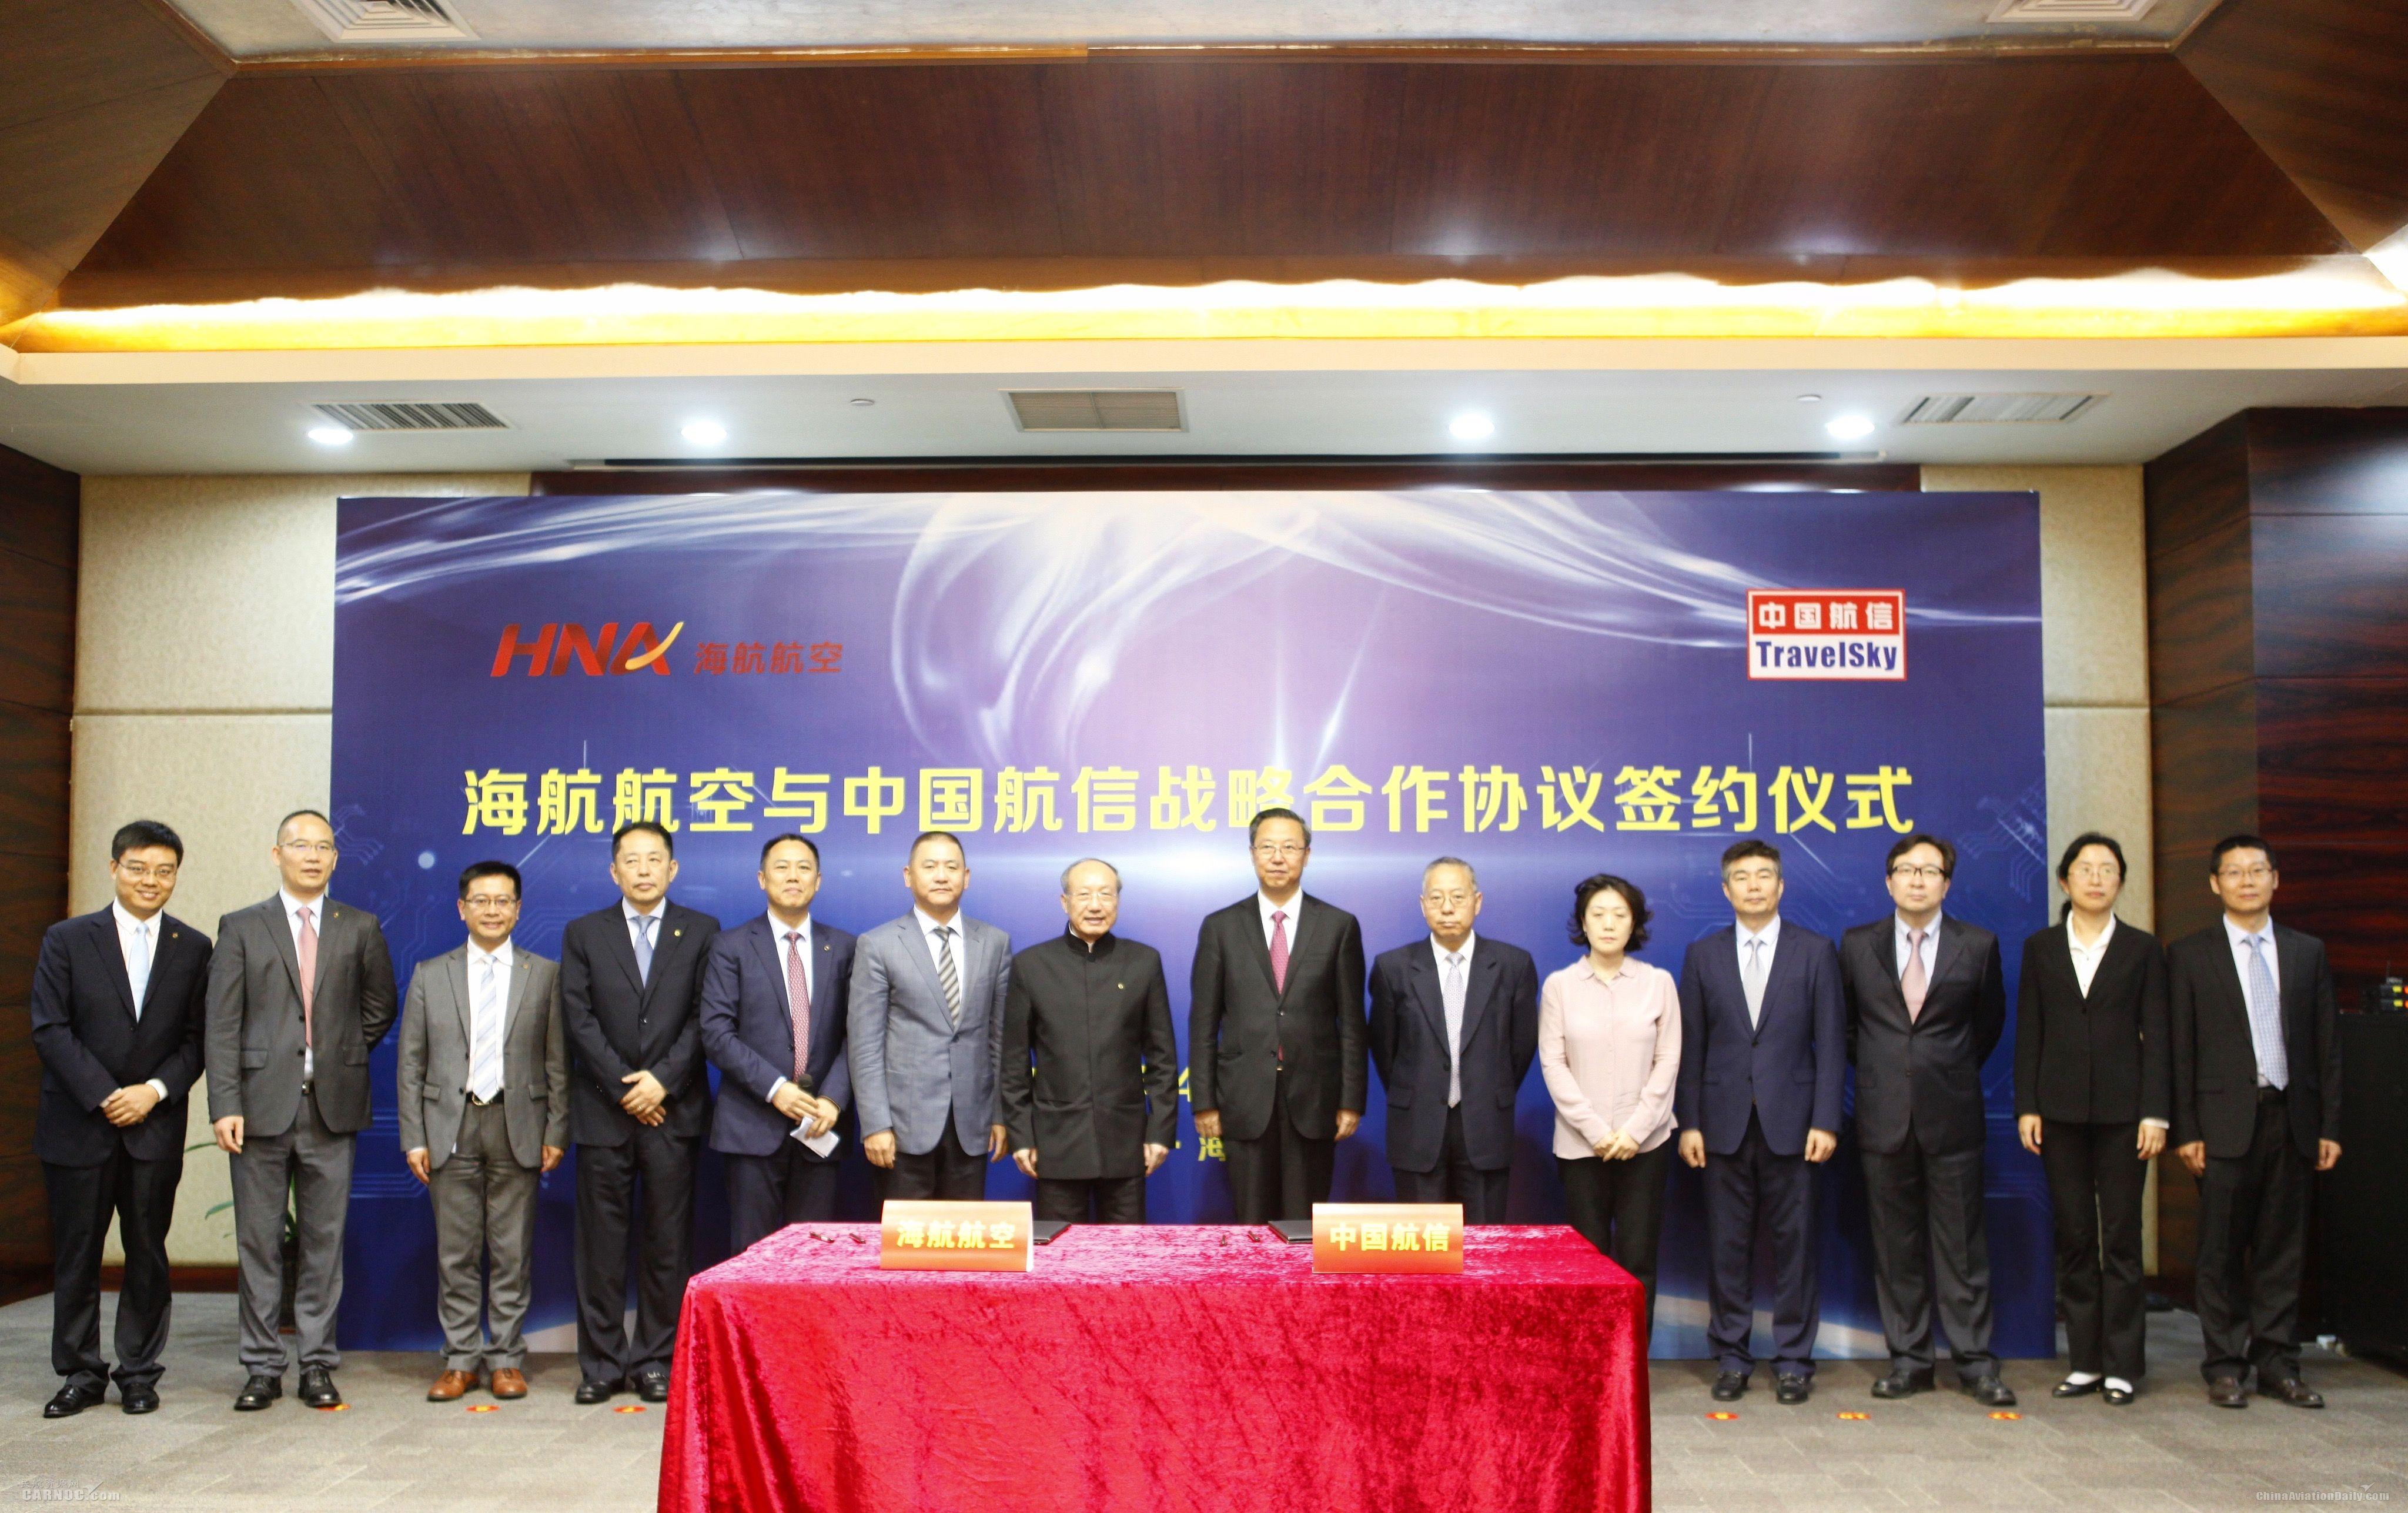 海航航空與中國航信簽署戰略合作協議